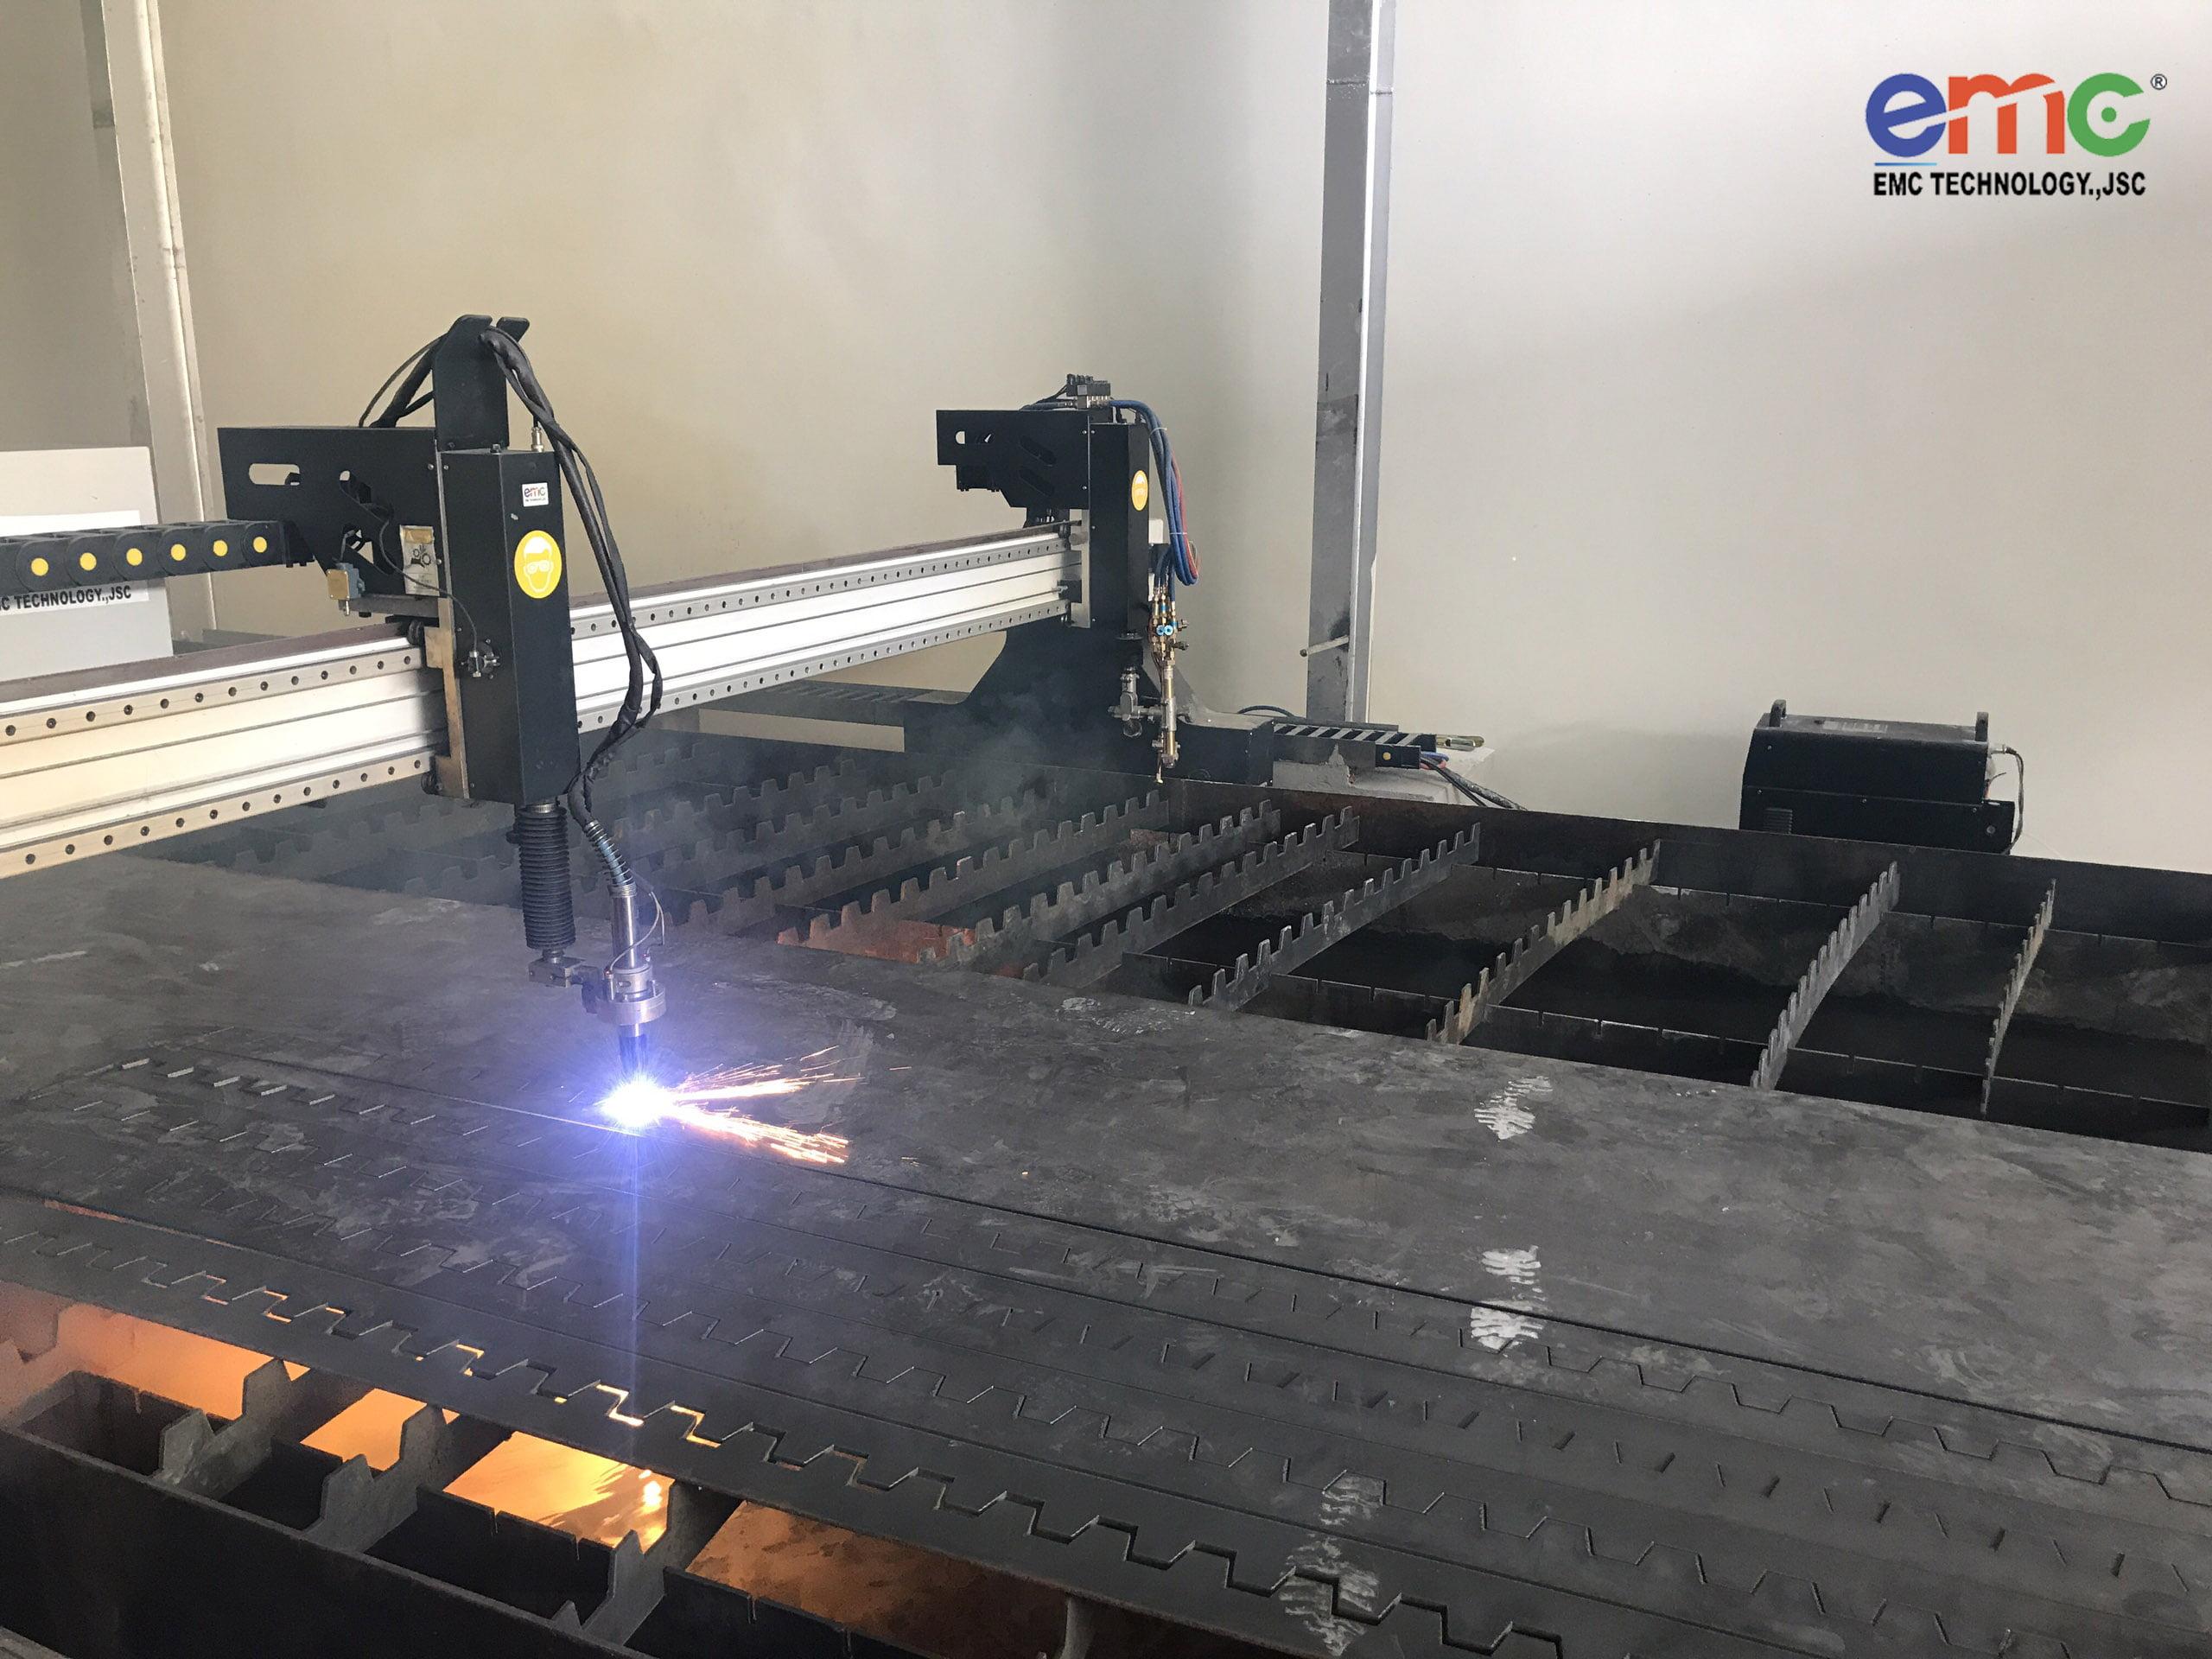 Máy cắt Plasma 3080 lắp đặt tại Tây Ninh